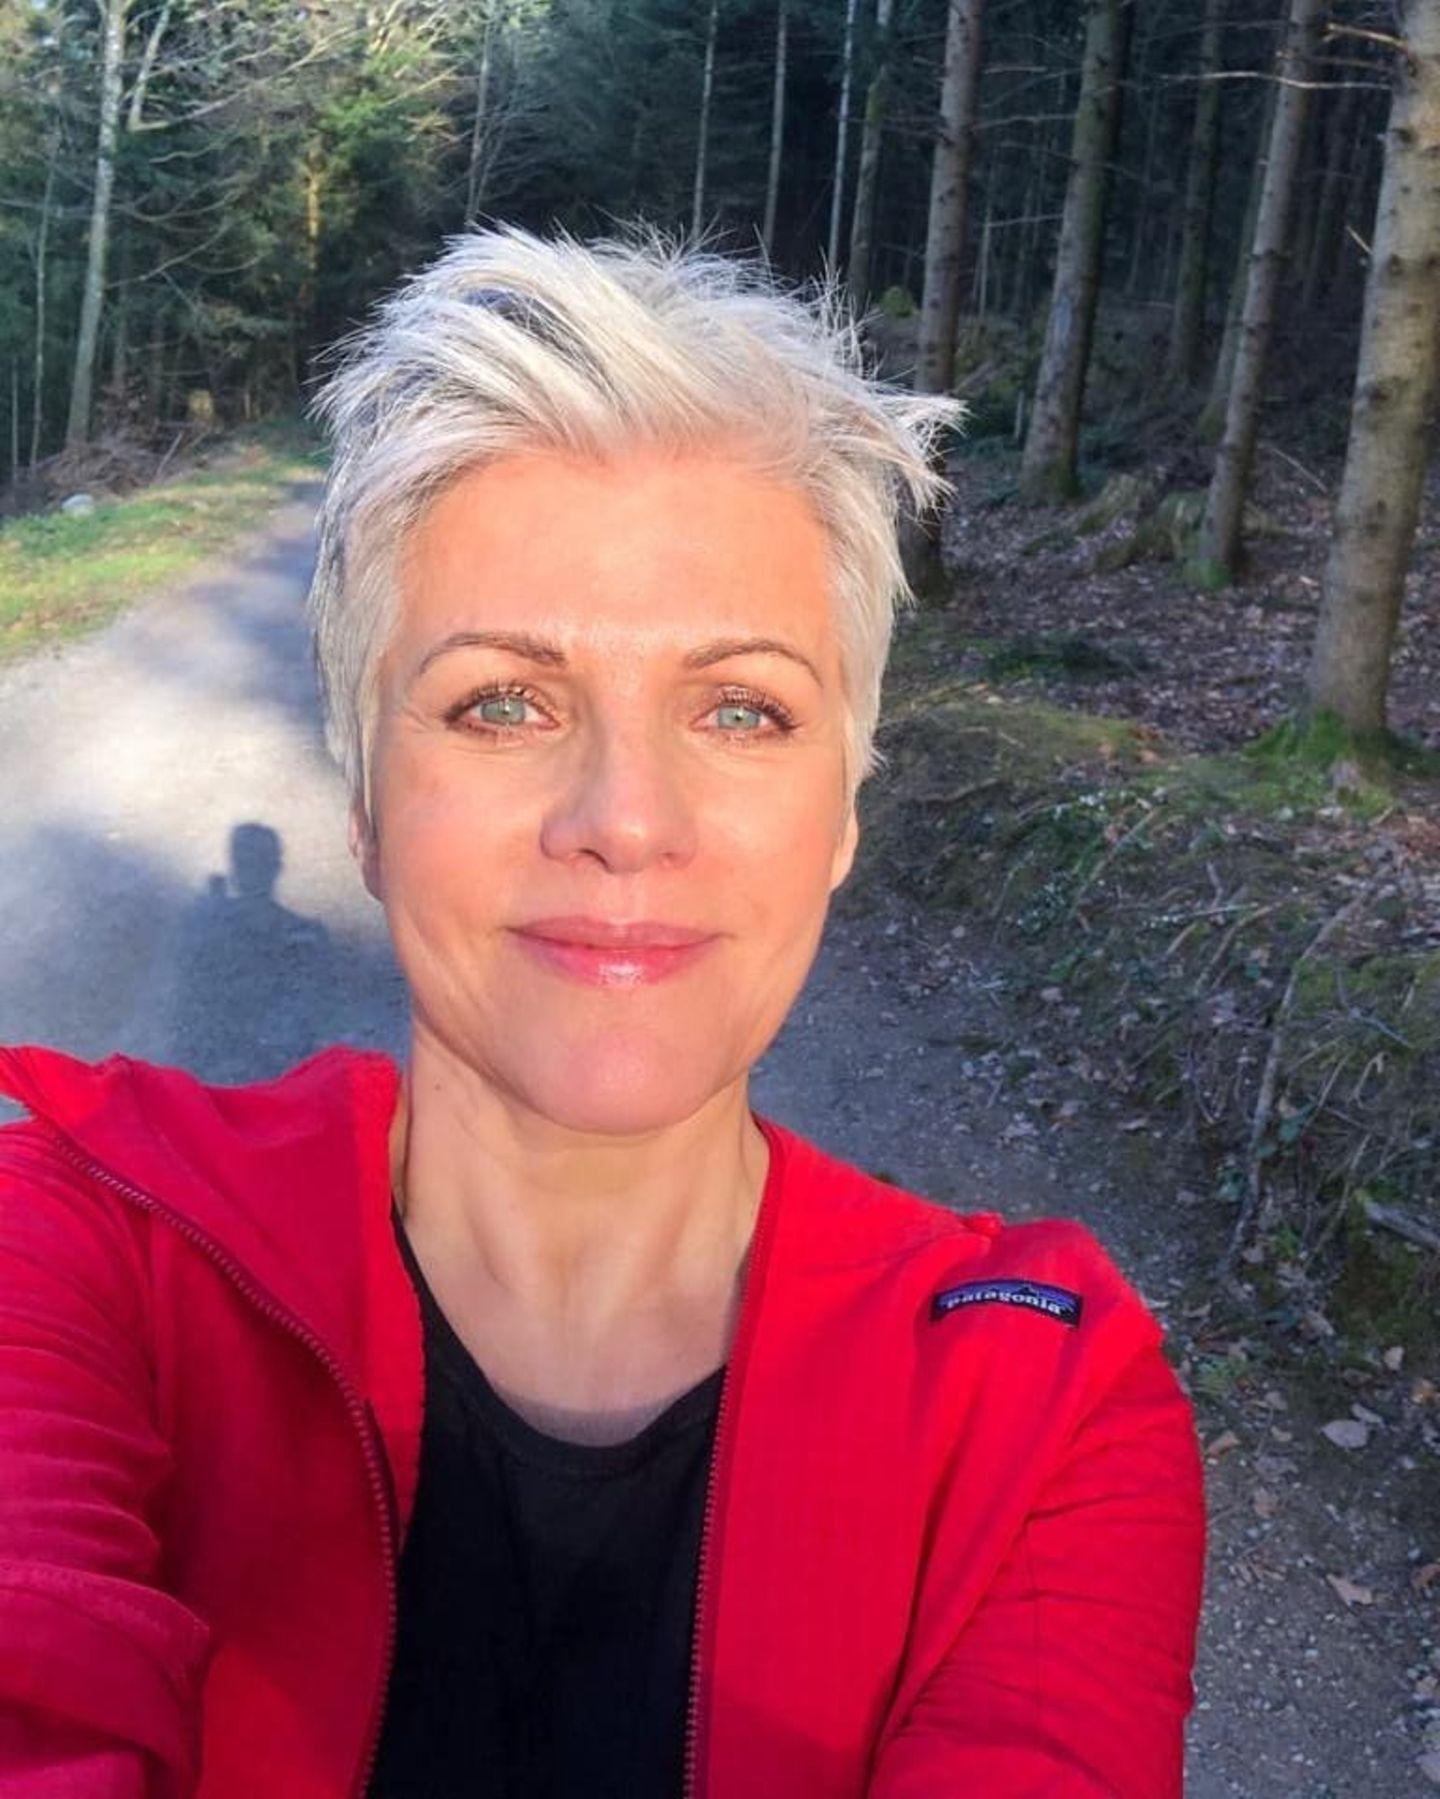 """Eine andere Möglichkeit, die Zeit gut zu überstehen, schlägt Birgit Schrowange auf ihrem Instagram-Account vor: """"Ihr Lieben, um den Kopf frei zu bekommen mache ich am liebsten jeden Tag einen Waldspaziergang. Die Natur tut mir einfach gut. Wir alle brauchen schöne Momente, gerade jetzt in diesen schwierigen Zeiten."""""""